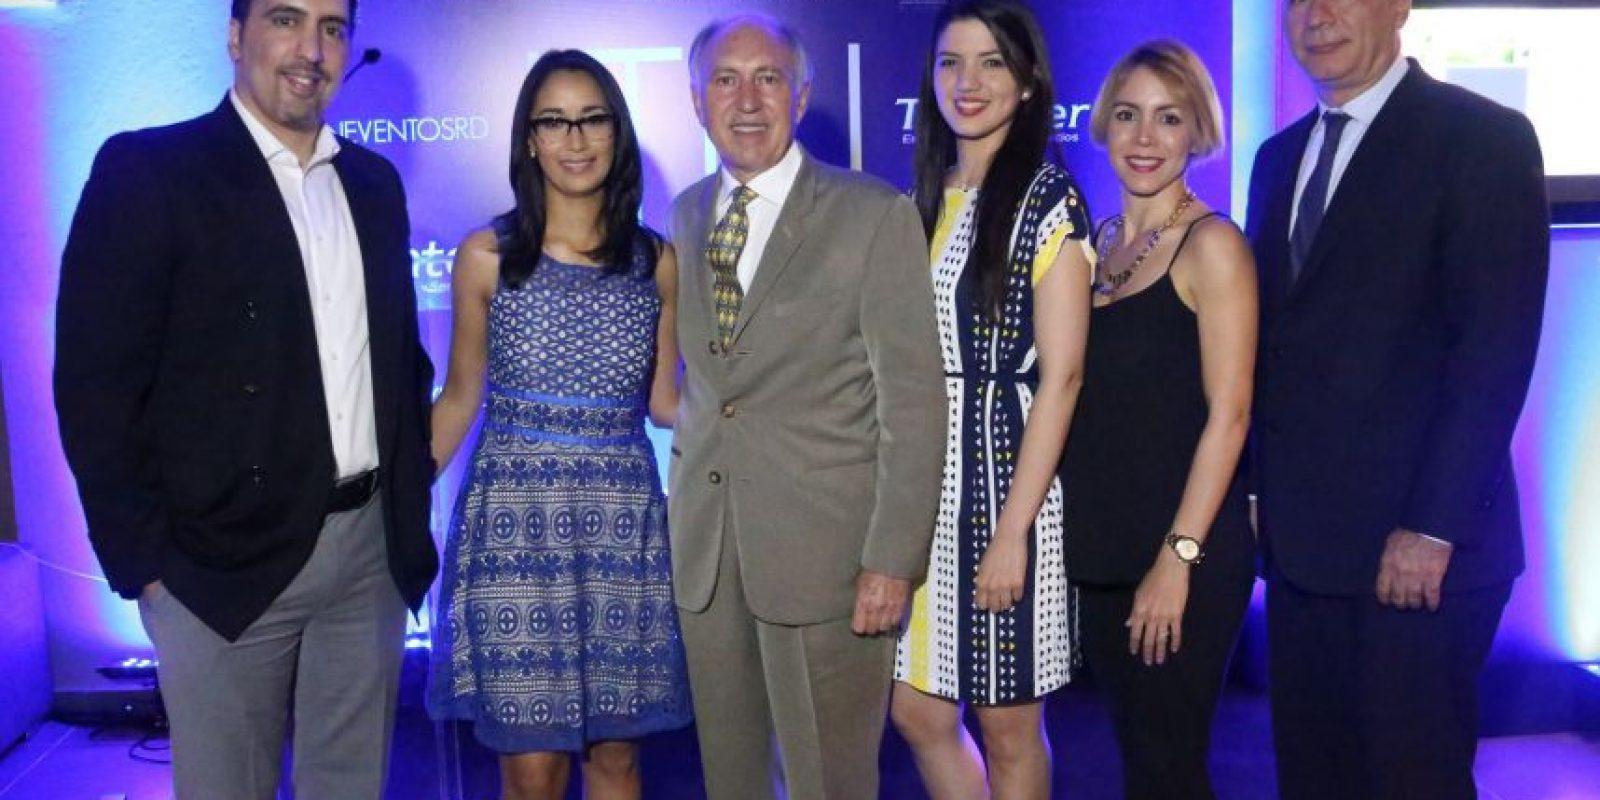 Alejandro Alonso, Mariam Castillo, Carlos Alonso, Pamela Mancebo, Karla Alonso y Jose Pérez